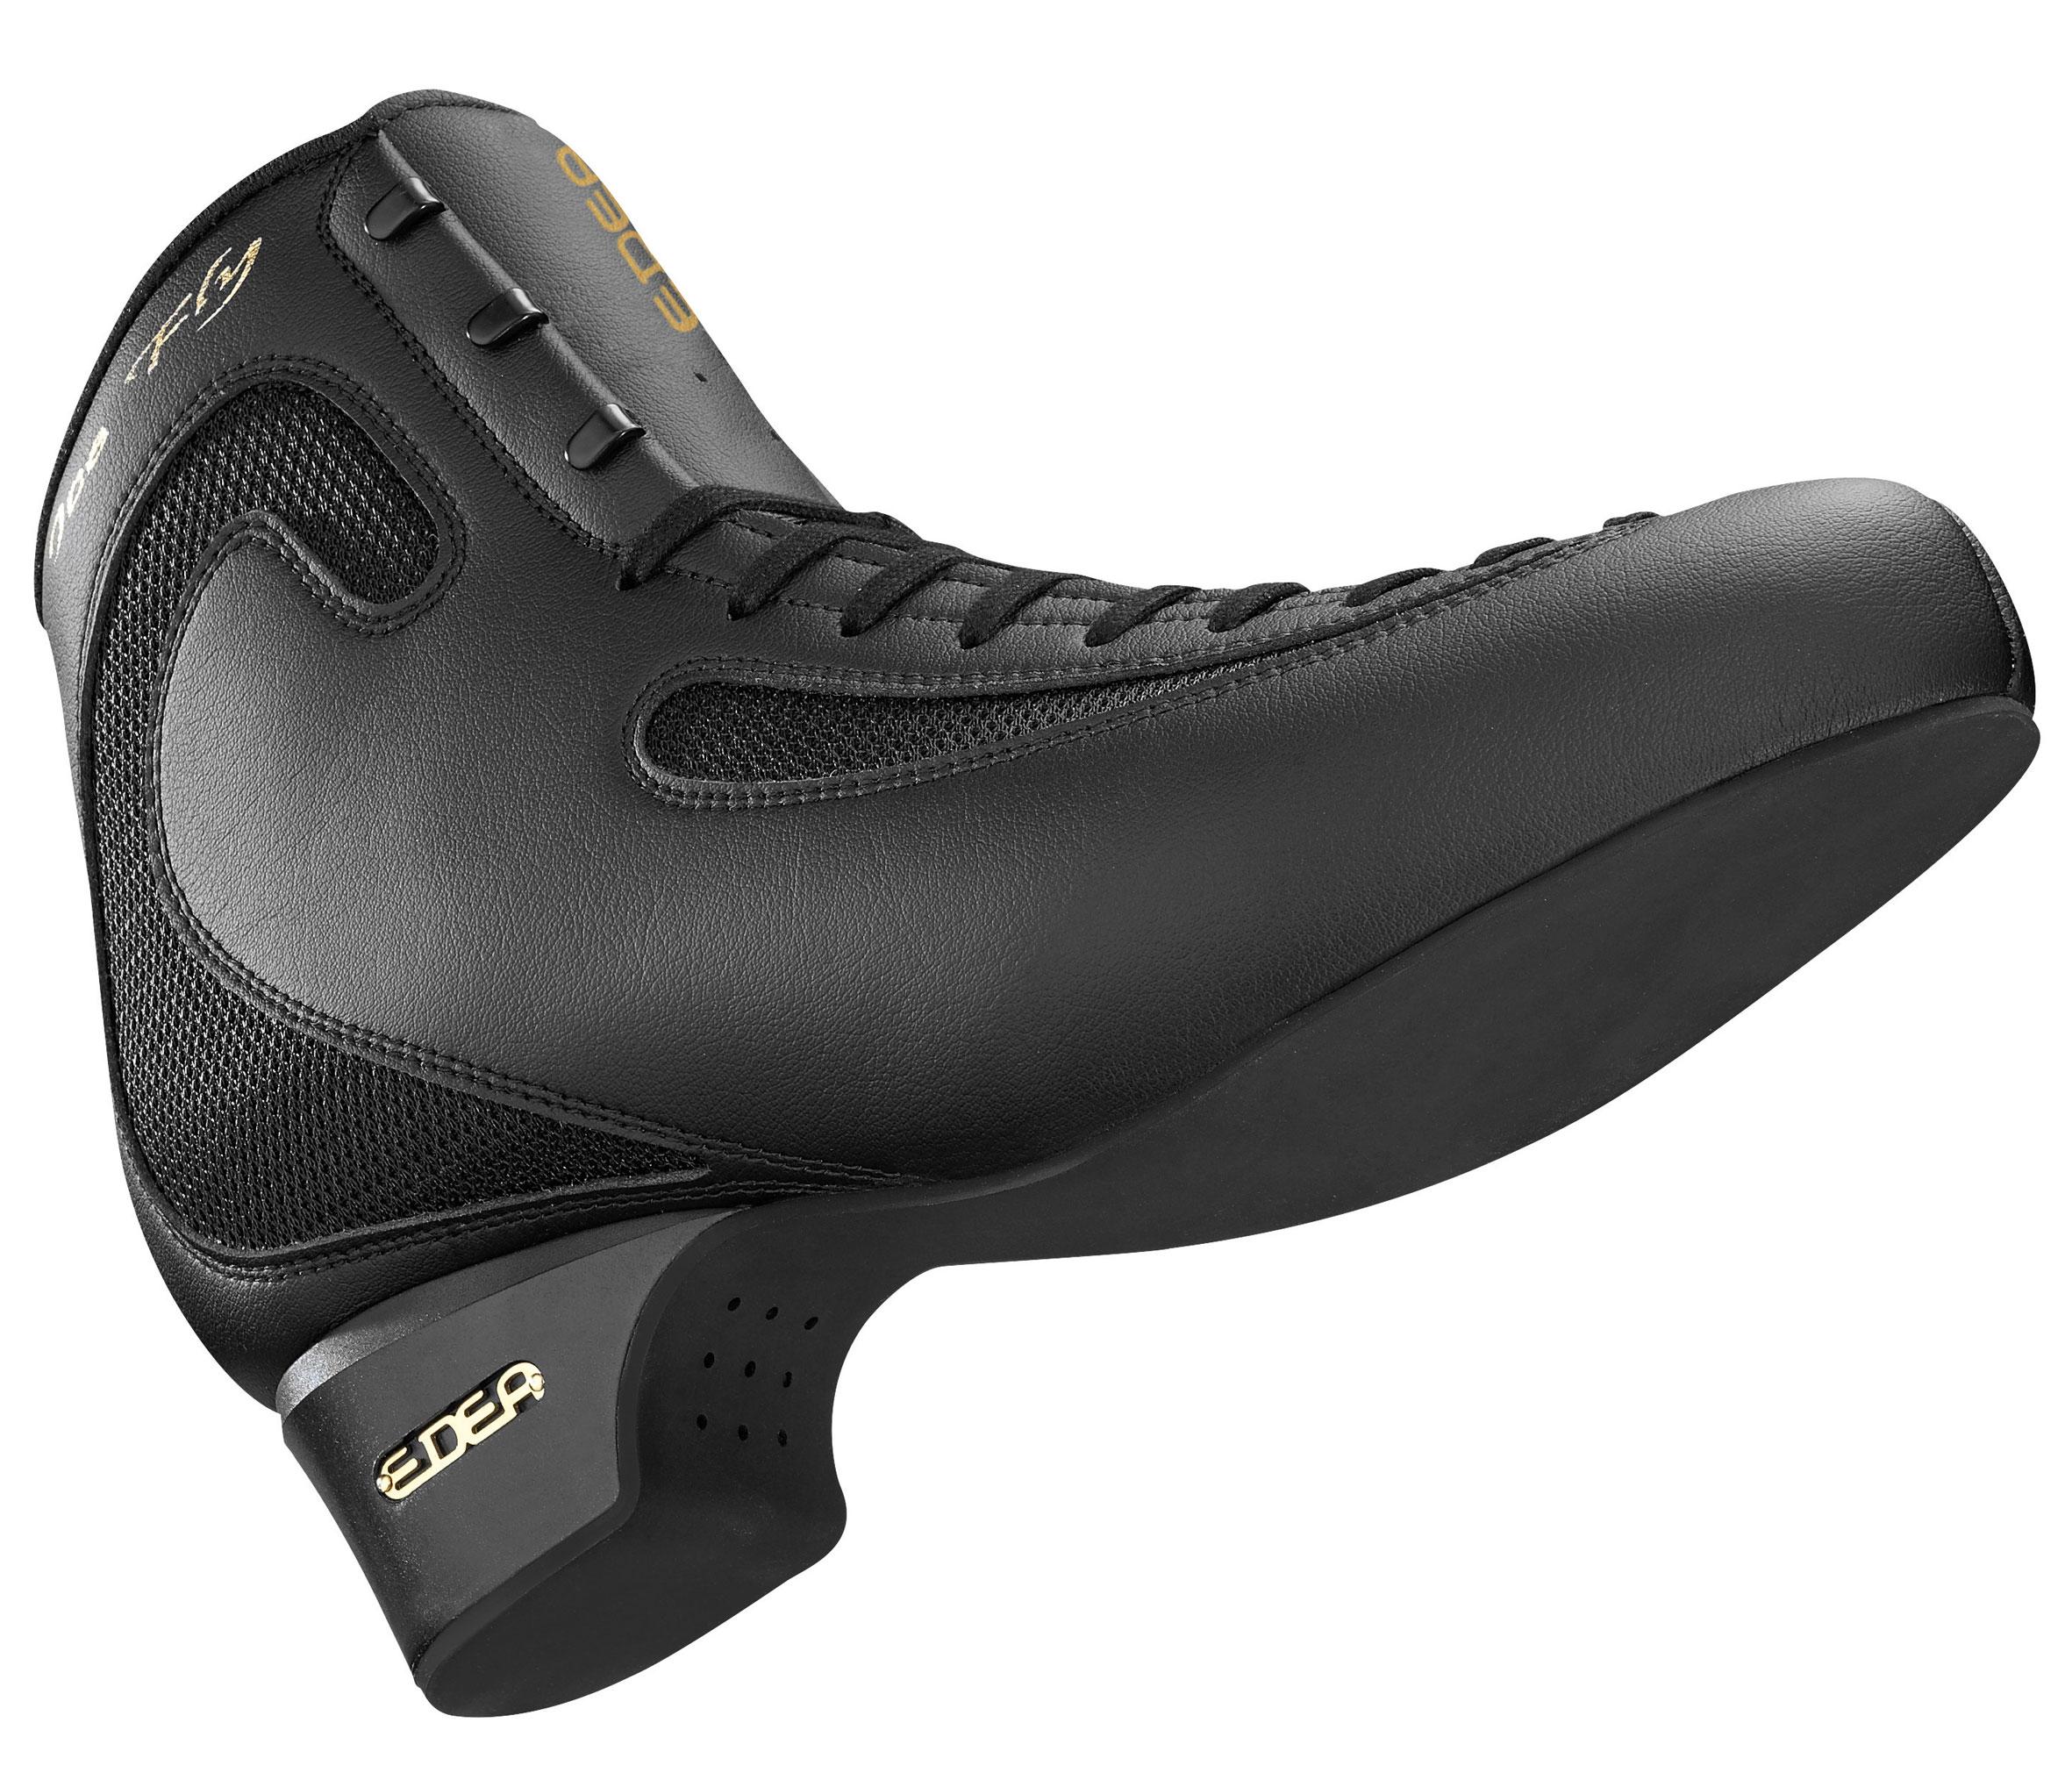 Фигурные ботинки Edea Ice Fly Black